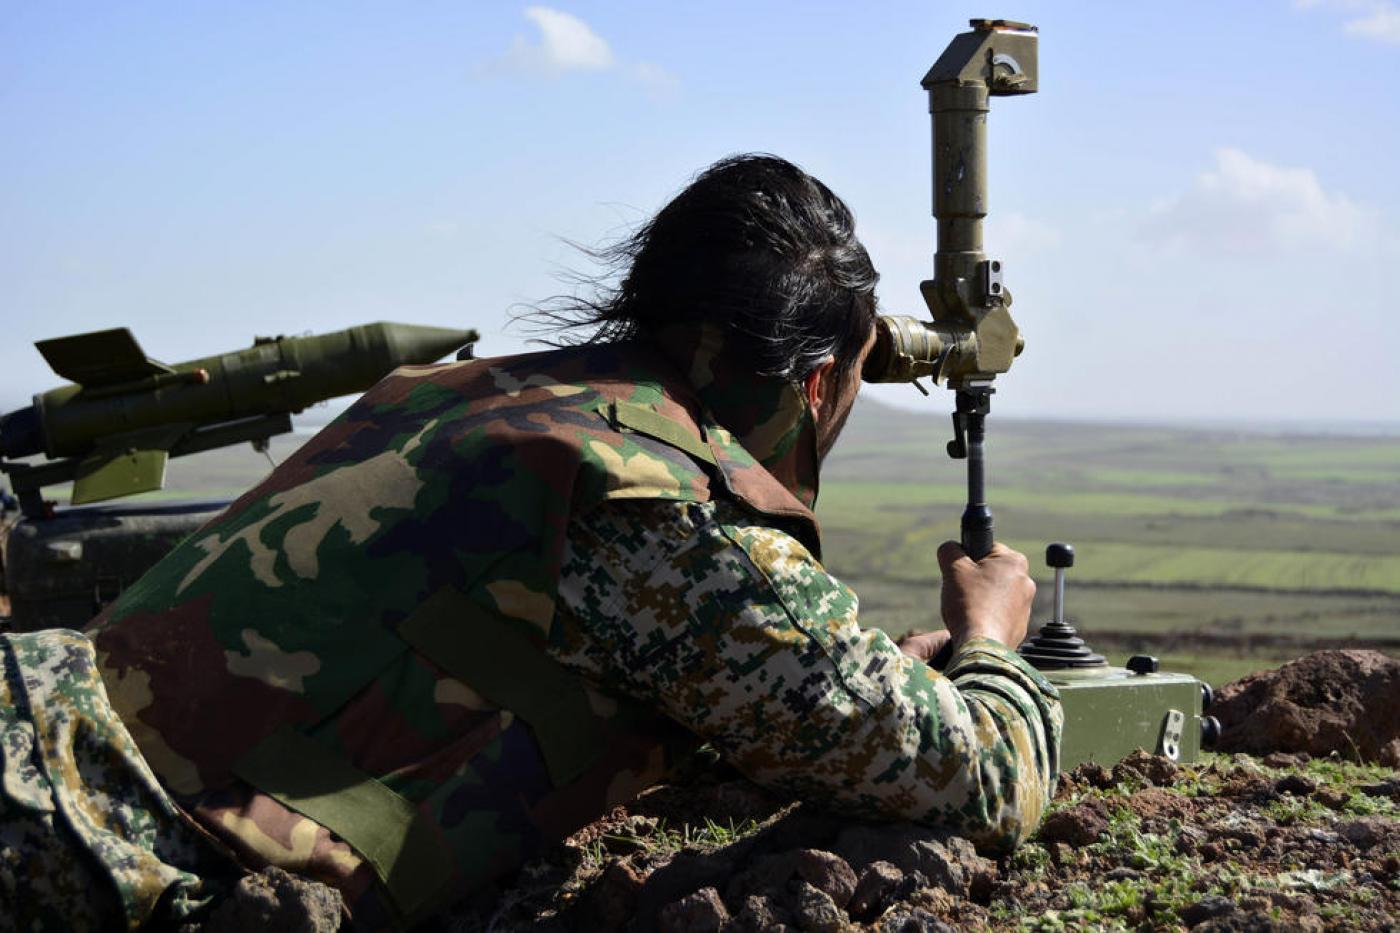 صورة خسائر فادحة لجيش الأسد بدرعا.. من الفاعل؟